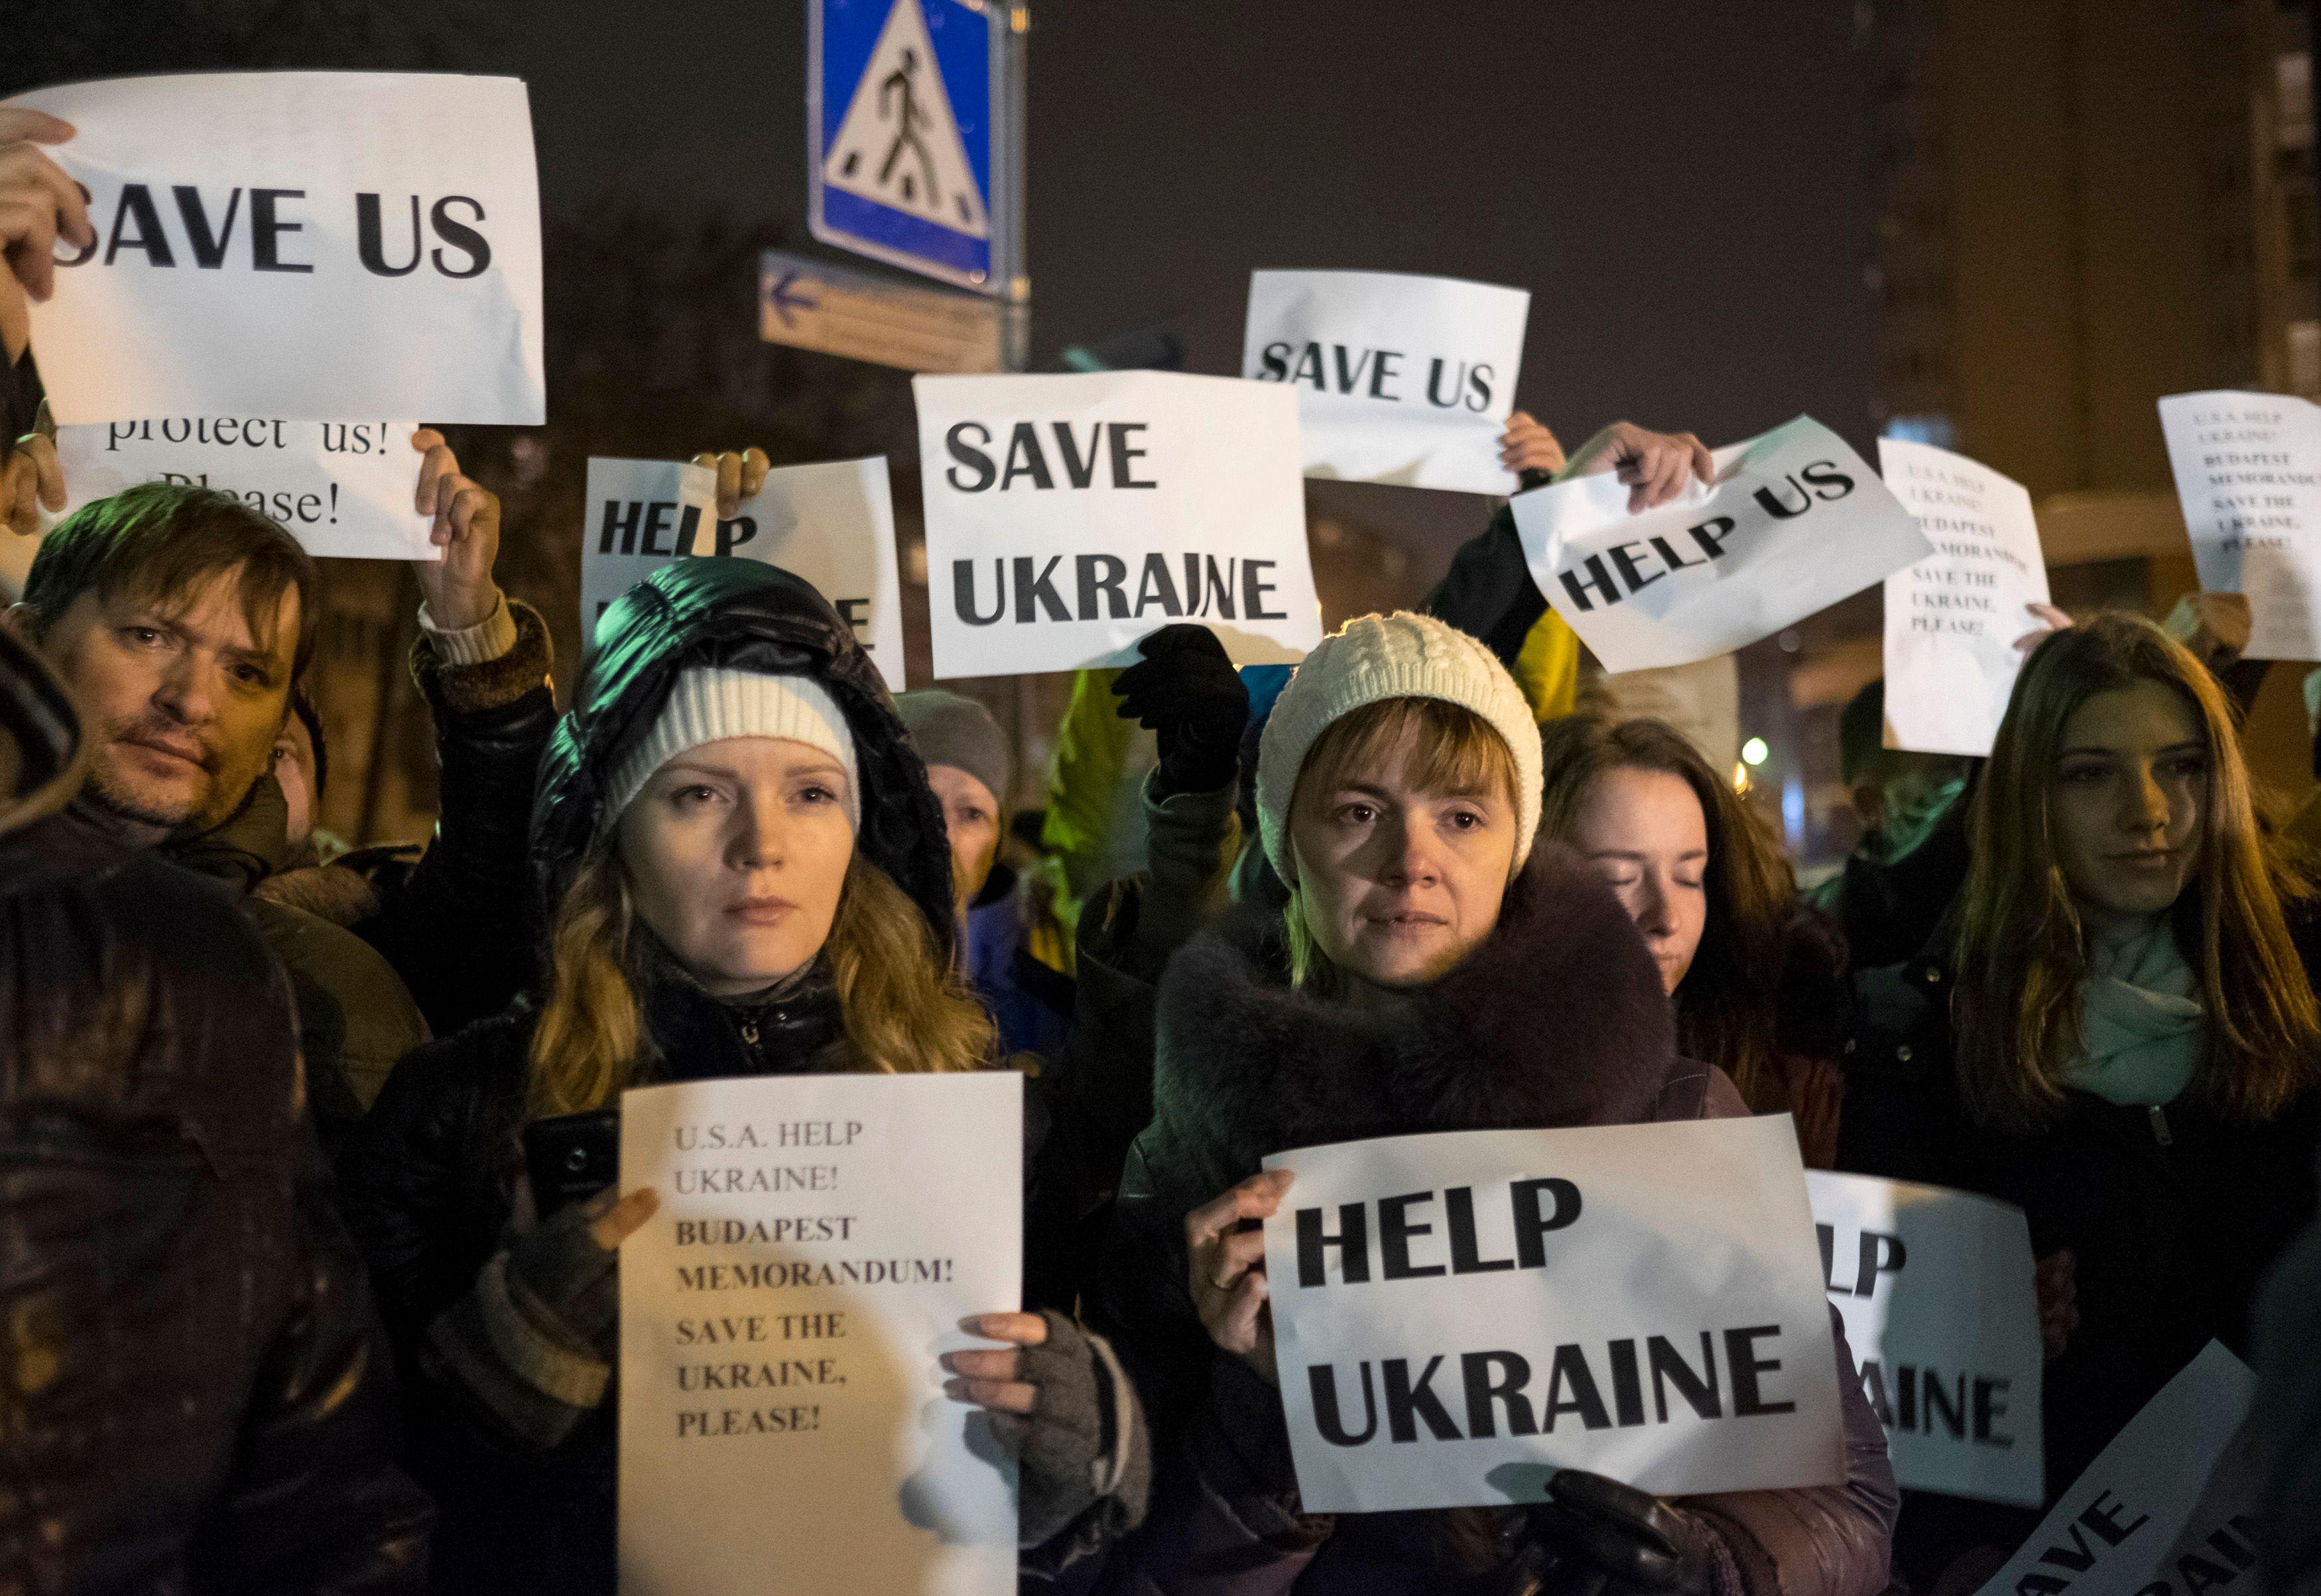 La France et le Royaume-Uni ont suspendu leur participation aux réunions préparatoires du G8 de Sotchi (Russie), en réaction aux événements en Ukraine